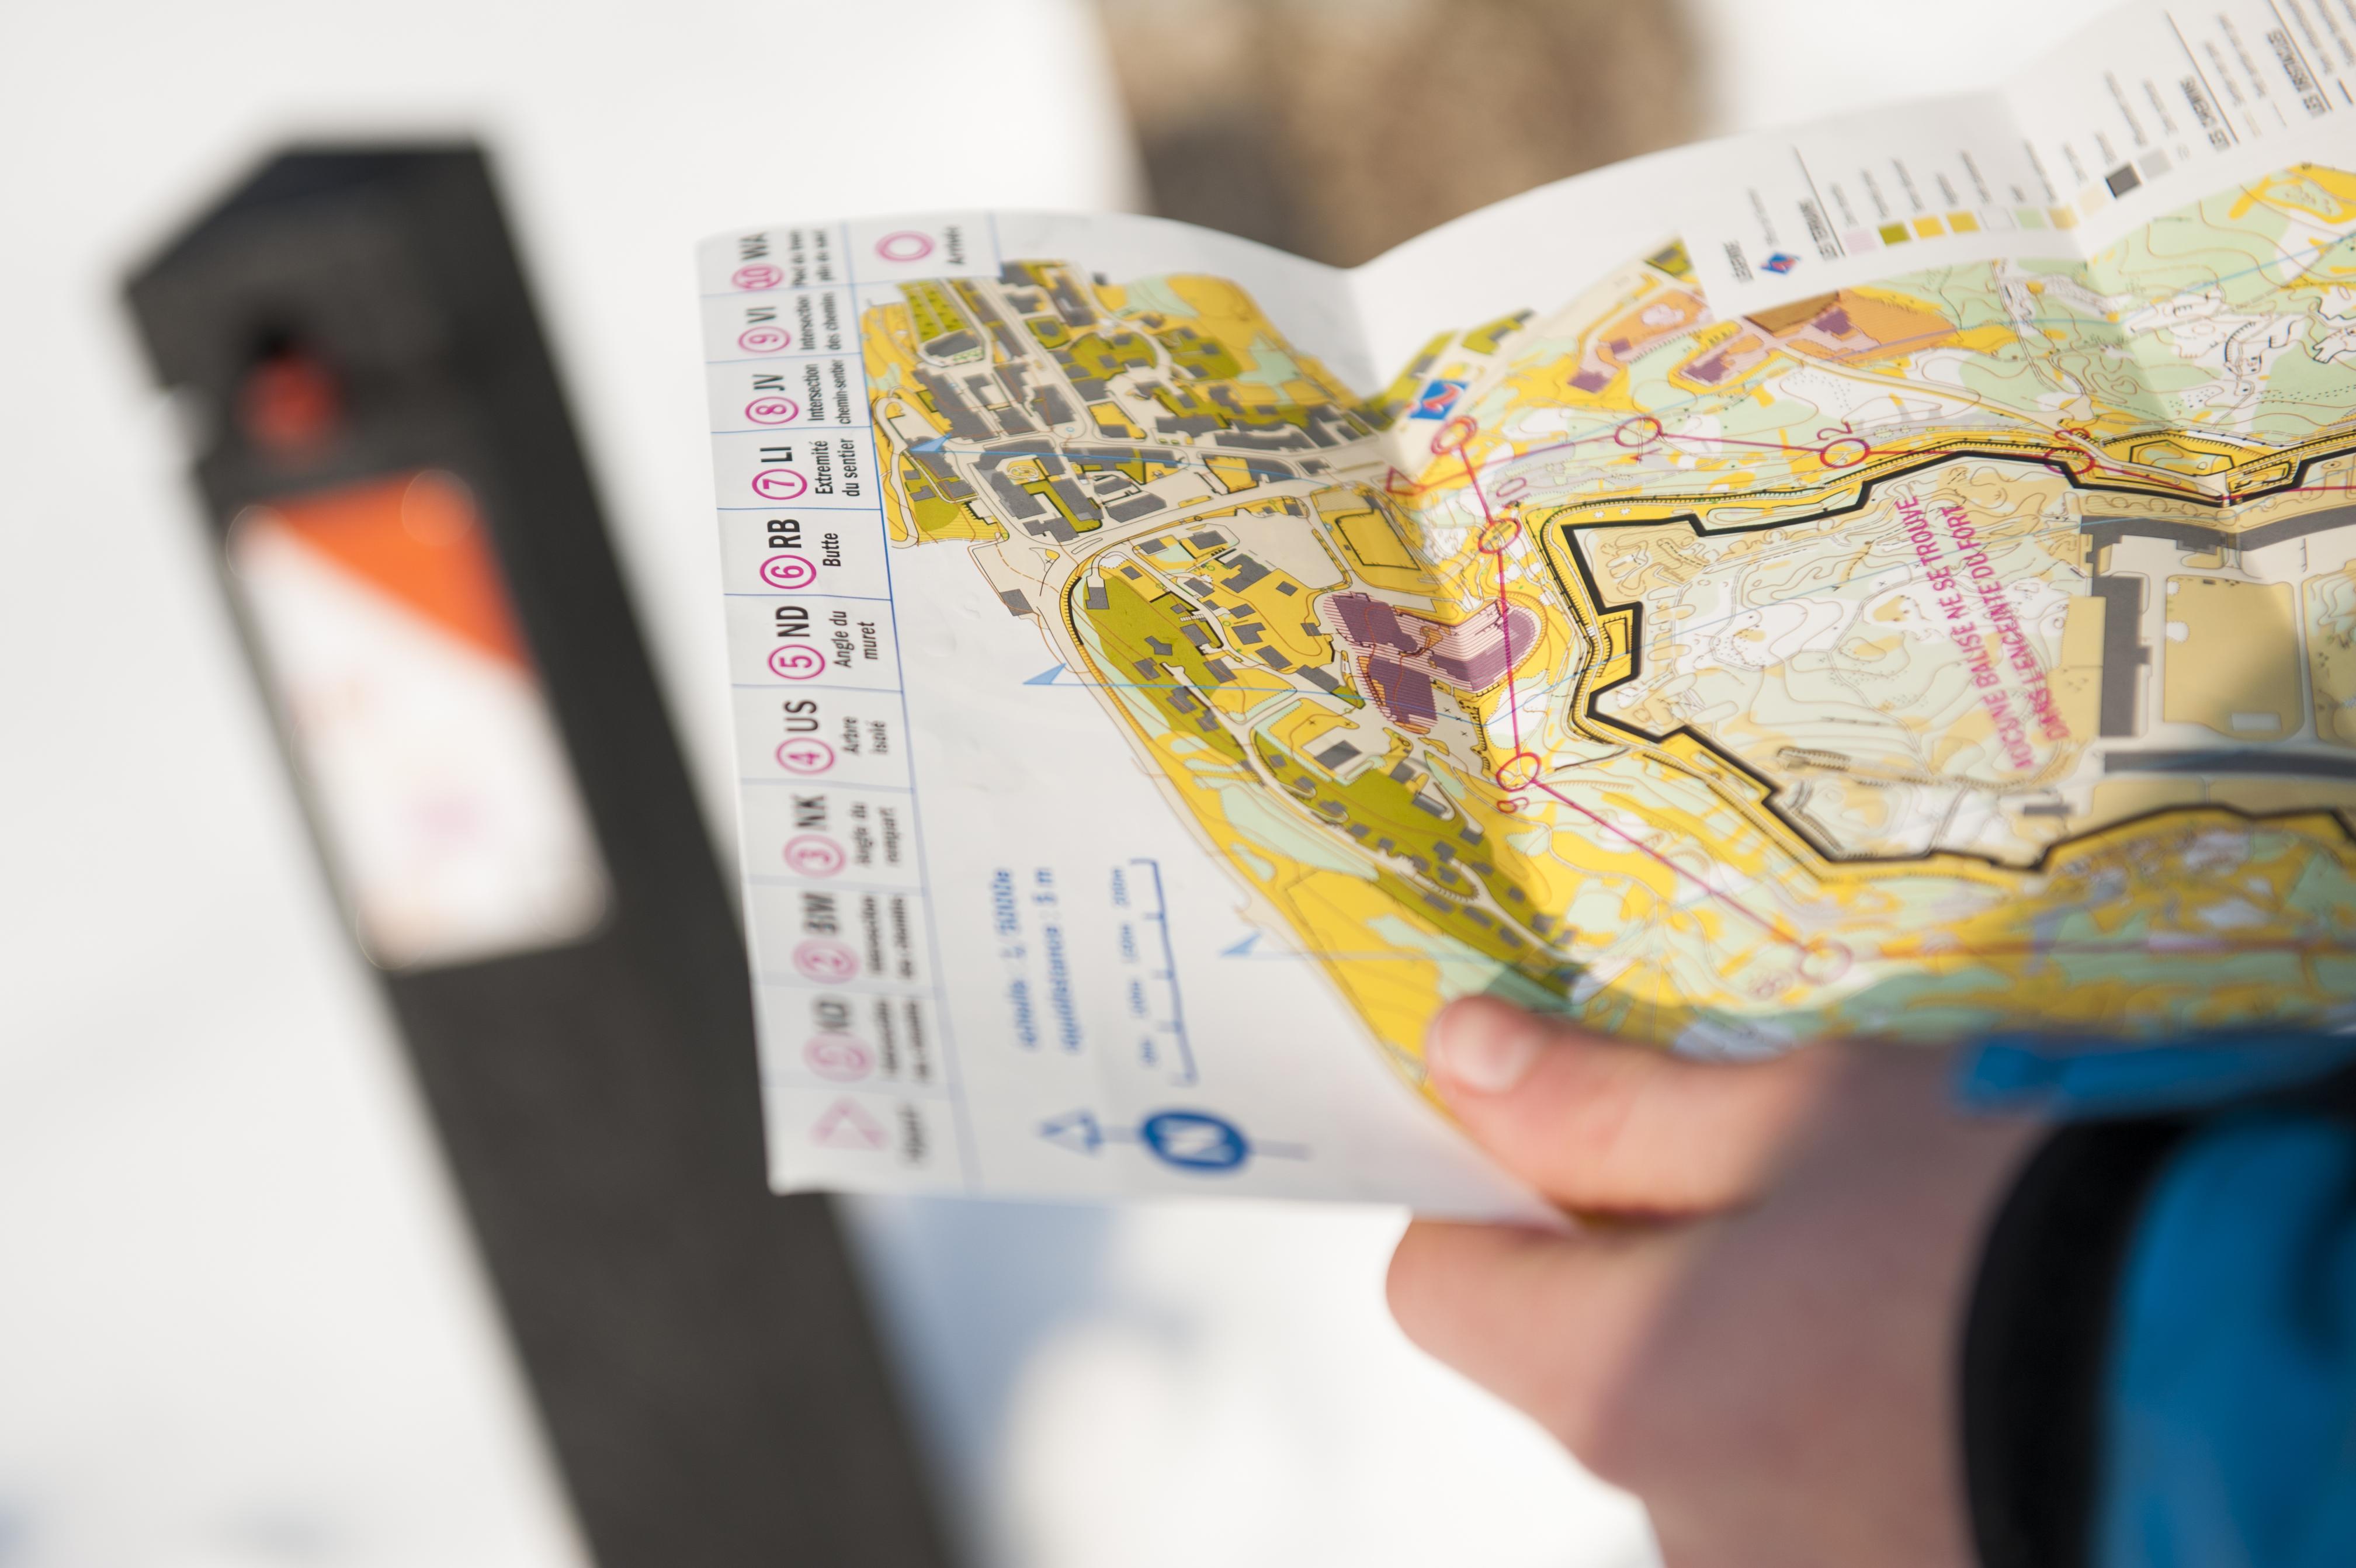 Station des rousses site officiel de l 39 office de tourisme parcours d 39 orientation balis or - Office du tourisme les rousses ...